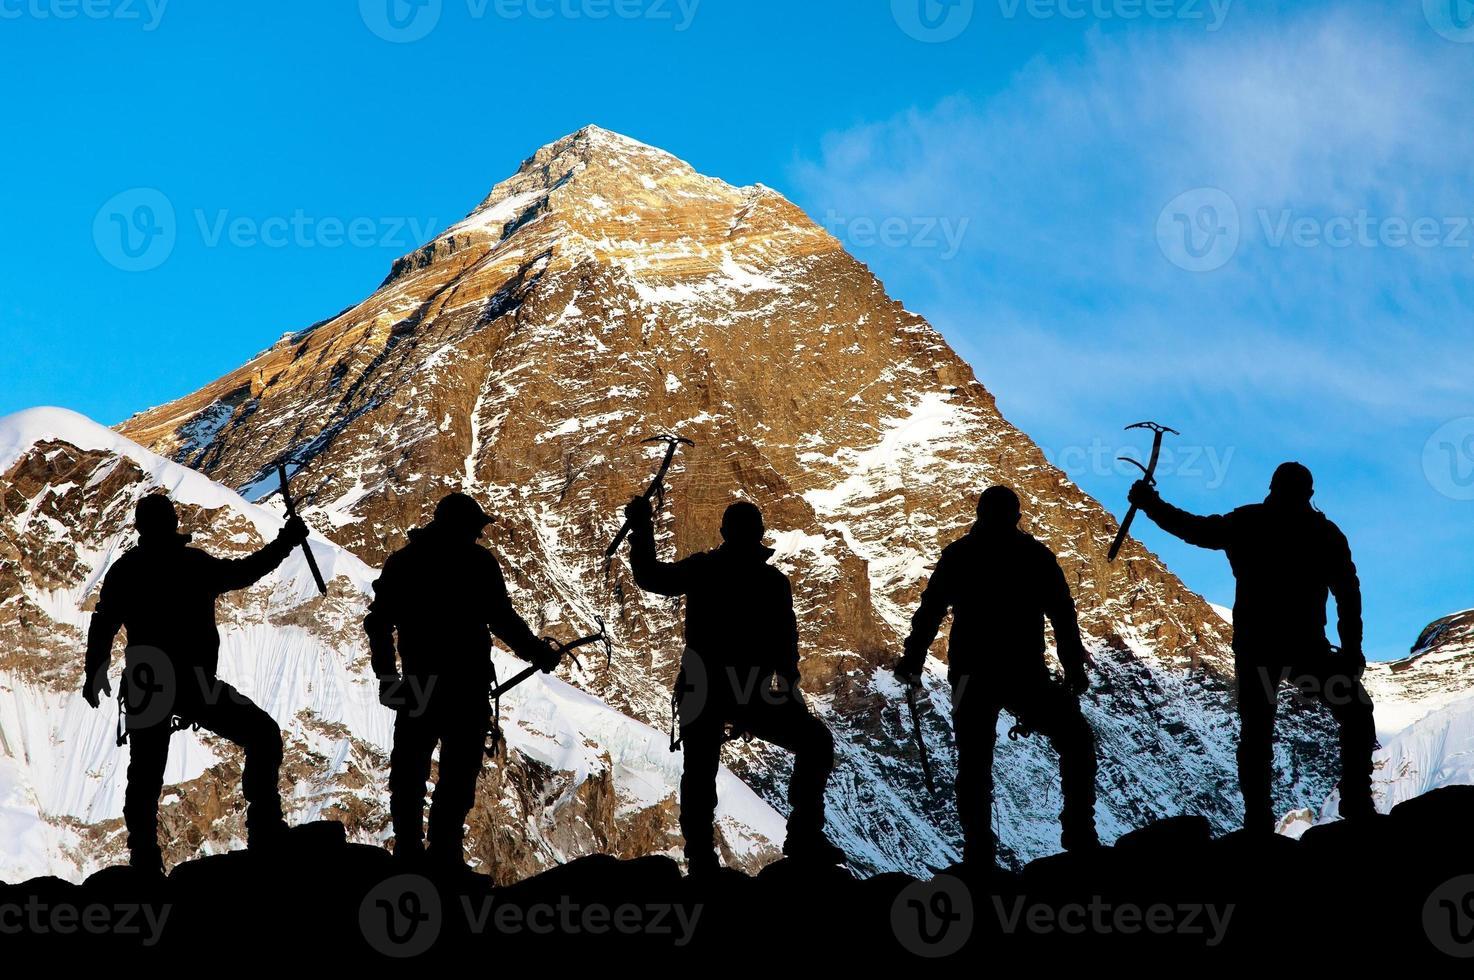 monte everest e sagoma di scalatori foto